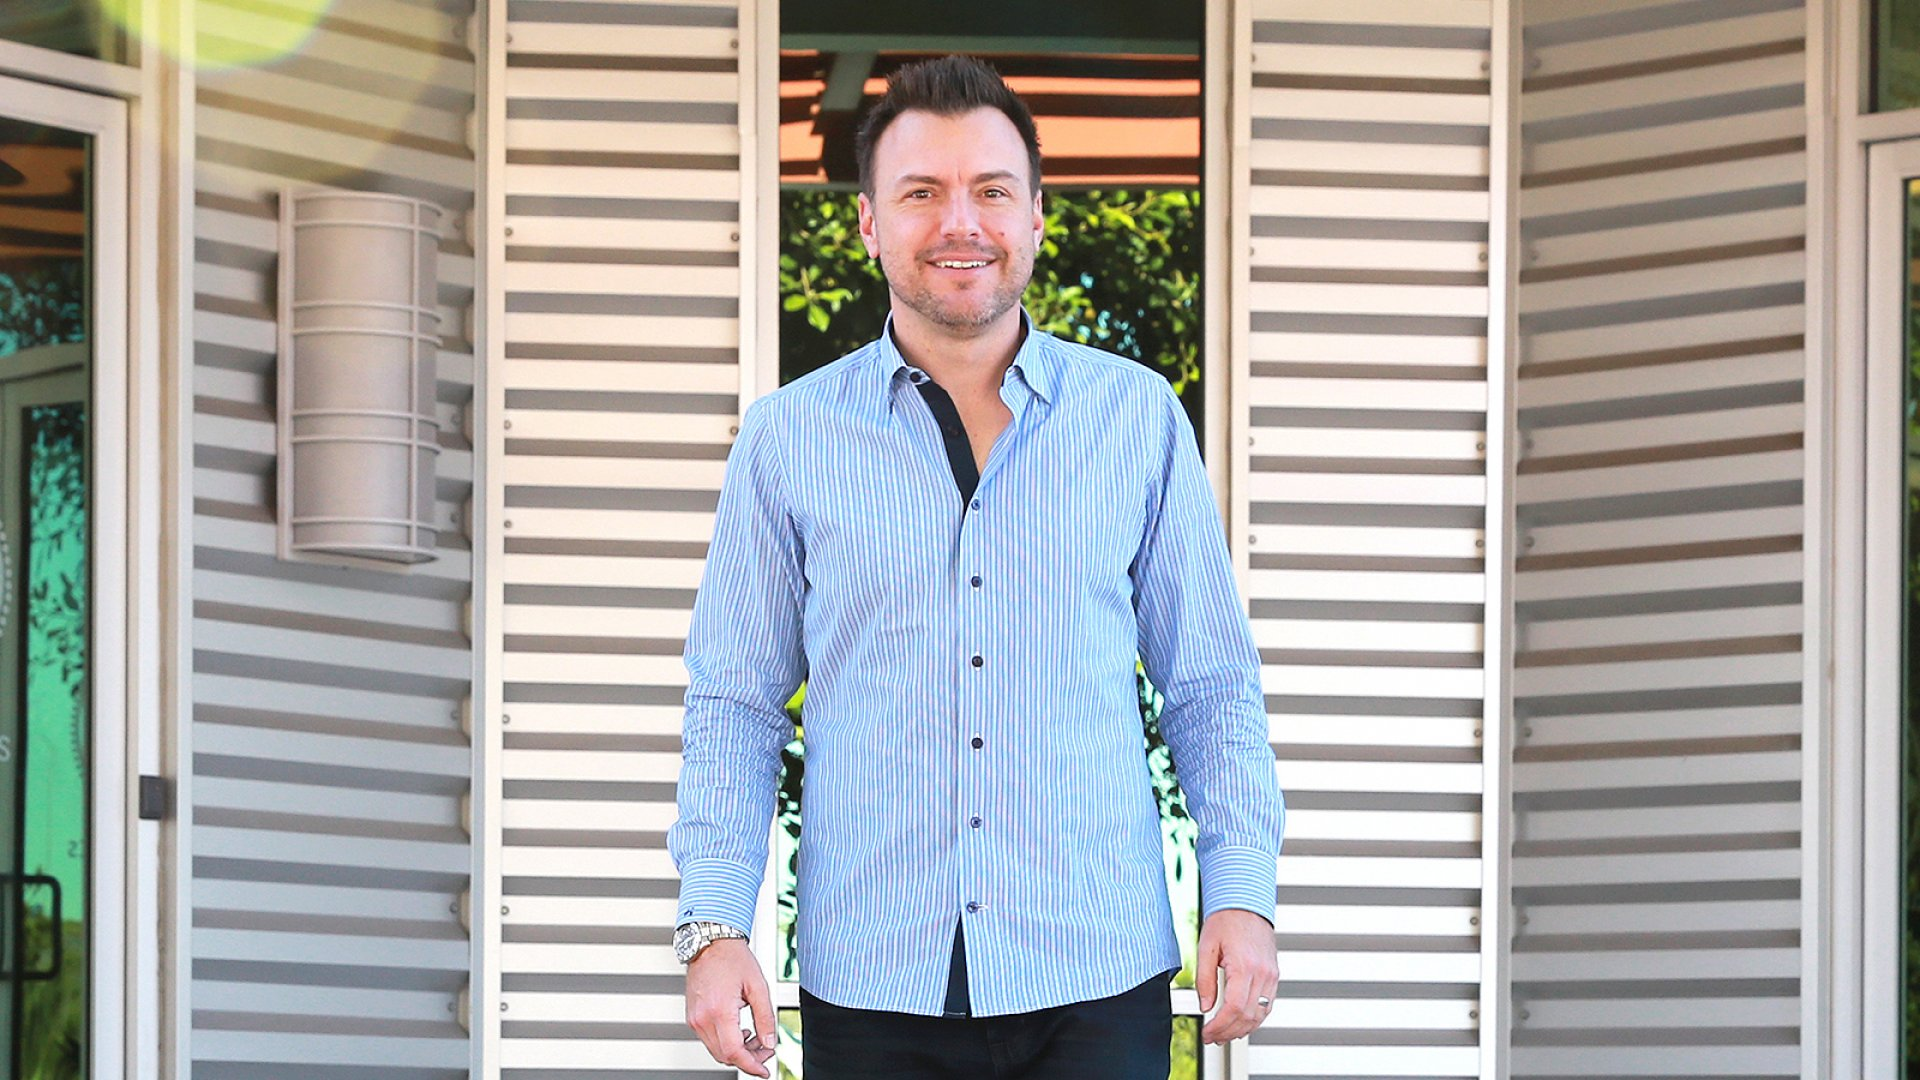 Club Pilates Franchise founder Anthony Geisler.